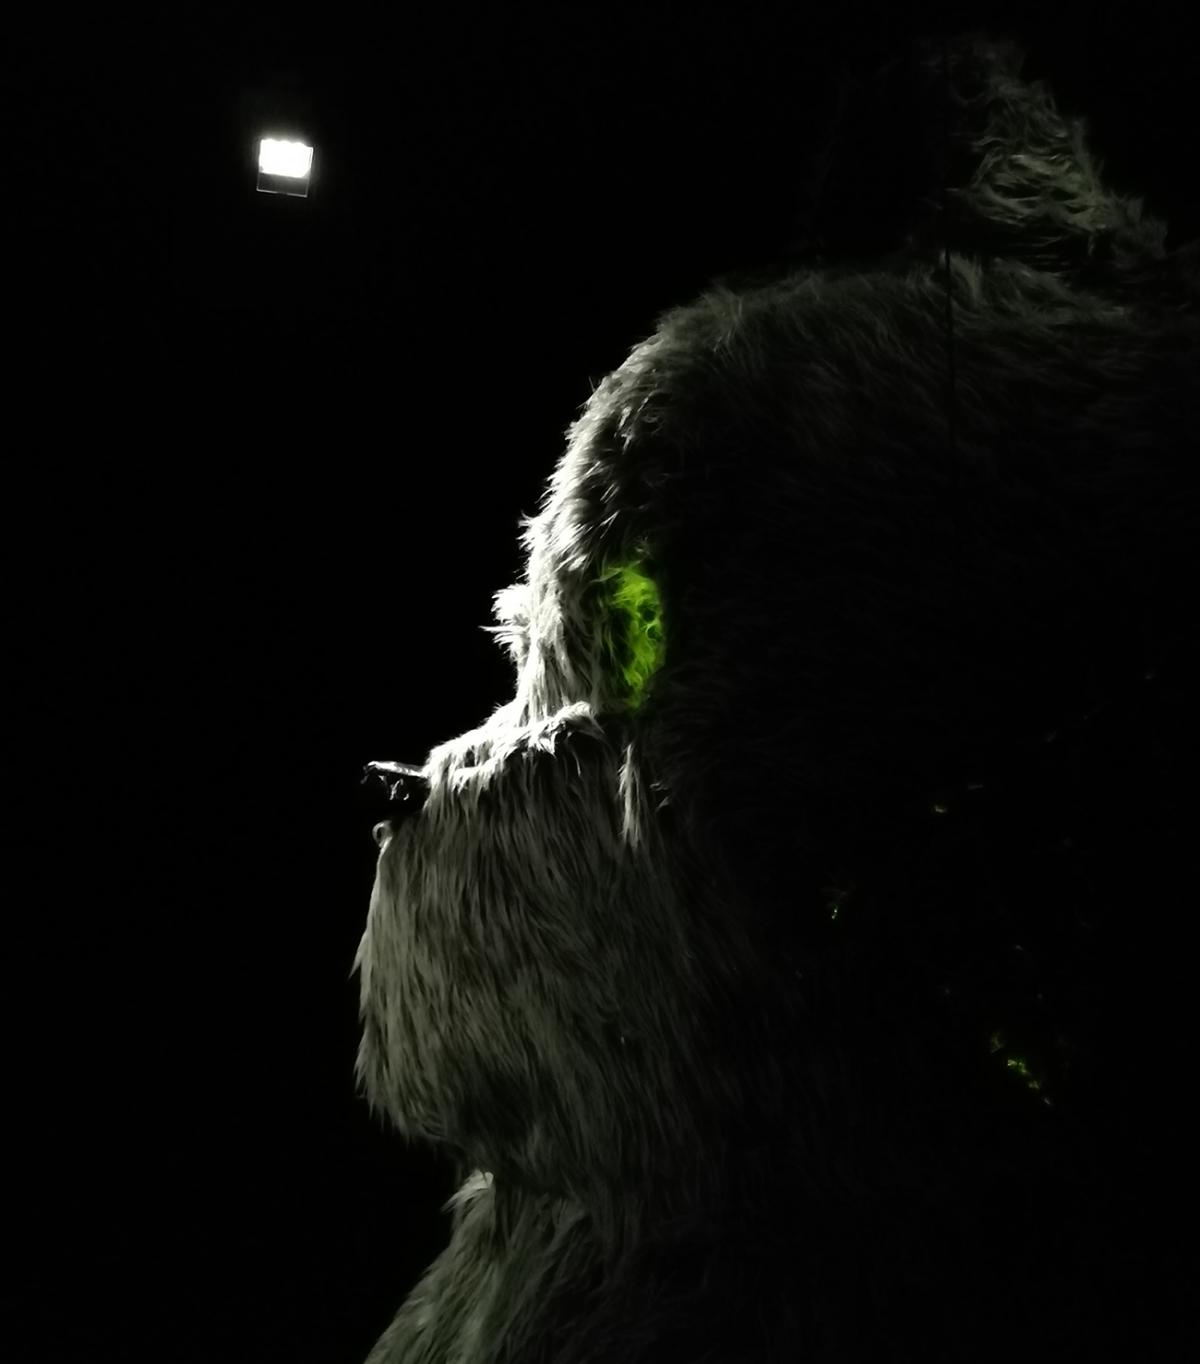 Pimeä, lähes musta kuva, jossa valo valaisee harmaana nallekarhun pään sivuprofiilin. Nallen silmän kohdalle osuu pieni vihreä valo.